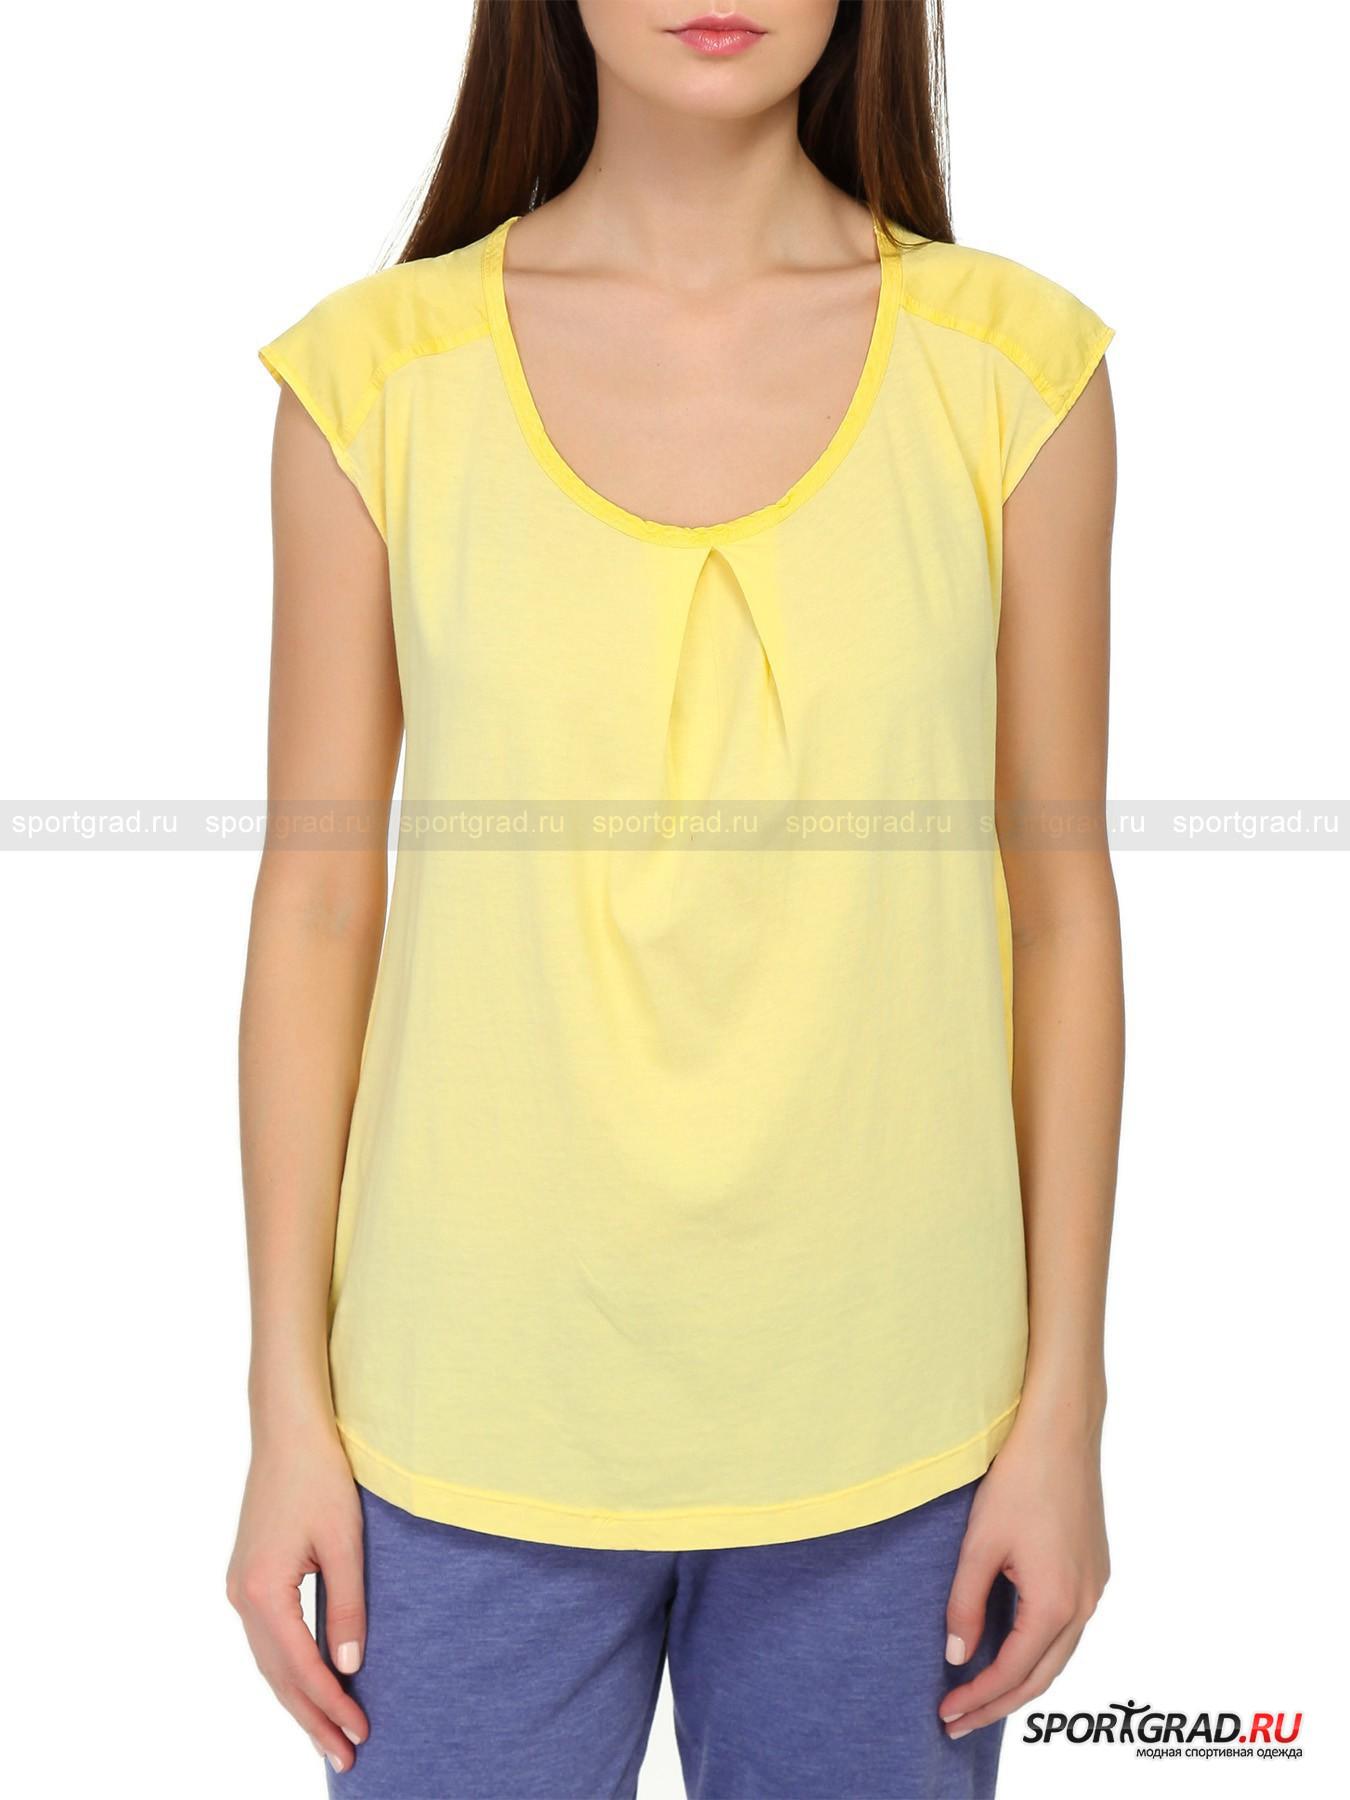 Майка T-Shirt DEHA хлопковая с драпировкойМайки<br>Хлопковая однотонная футболка без рукавов T-Shirt DEHA – базовая модель, которая будет отлично смотреться на любой фигуре, скроет недостатки и подчеркнет достоинства. Она не так проста, как кажется на первый взгляд: плечи майки отделаны  материалом контрастной гладкой, чуть блестящей фактуры, а по центру круглого выреза ткань собрана в складки, красиво ниспадающие и подчеркивающие линию груди и делающие ее визуально больше.<br><br>Пол: Женский<br>Возраст: Взрослый<br>Тип: Майки<br>Рекомендации по уходу: стирка в теплой воде до 30 С; не отбеливать; гладить слегка нагретым утюгом (температура до 120 C); только сухая чистка; нельзя выжимать и сушить в стиральной машине<br>Состав: 100% хлопок